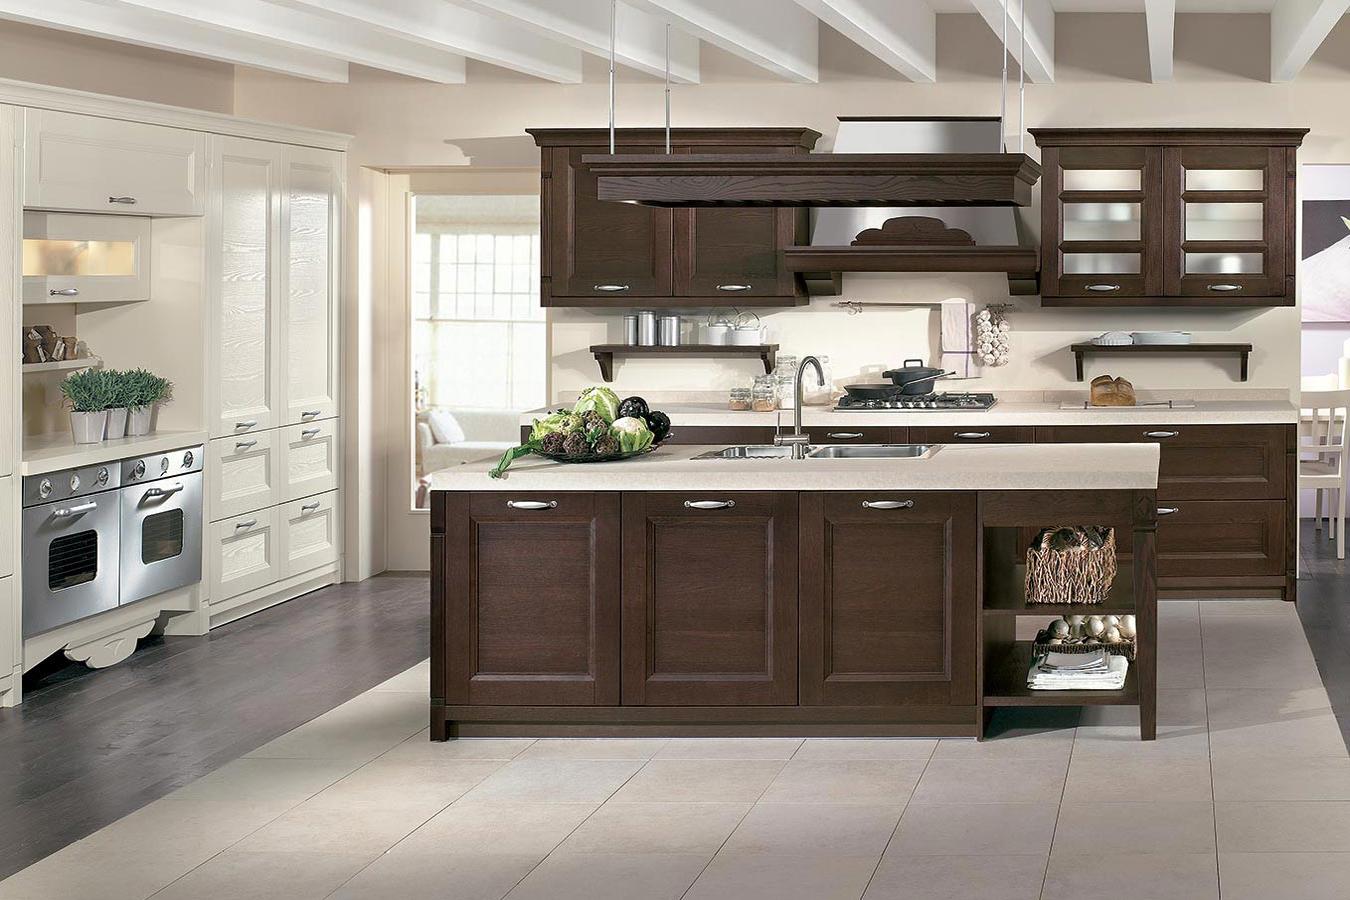 Cucina classica gioiosa di arredo3 righetti mobili novara for Mobili arredo cucina